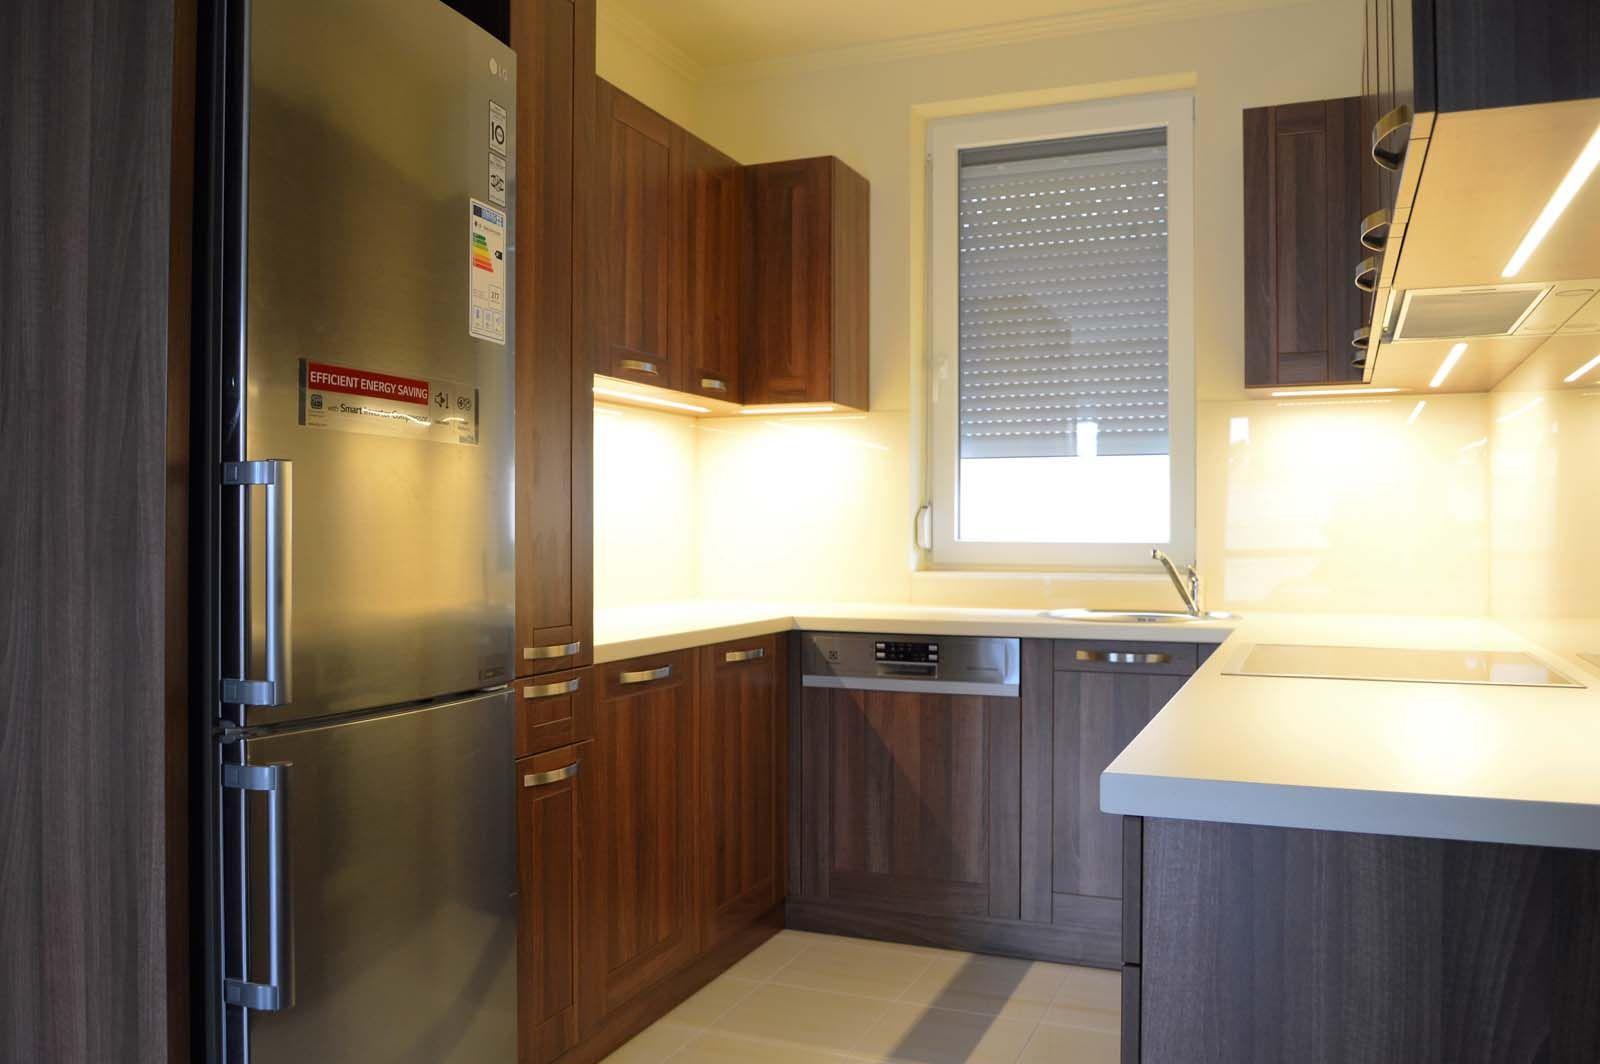 Egyedi konyhabútor készítés dió - bézs színben üveghátlappal, rejtett LED világítással, U-alakban